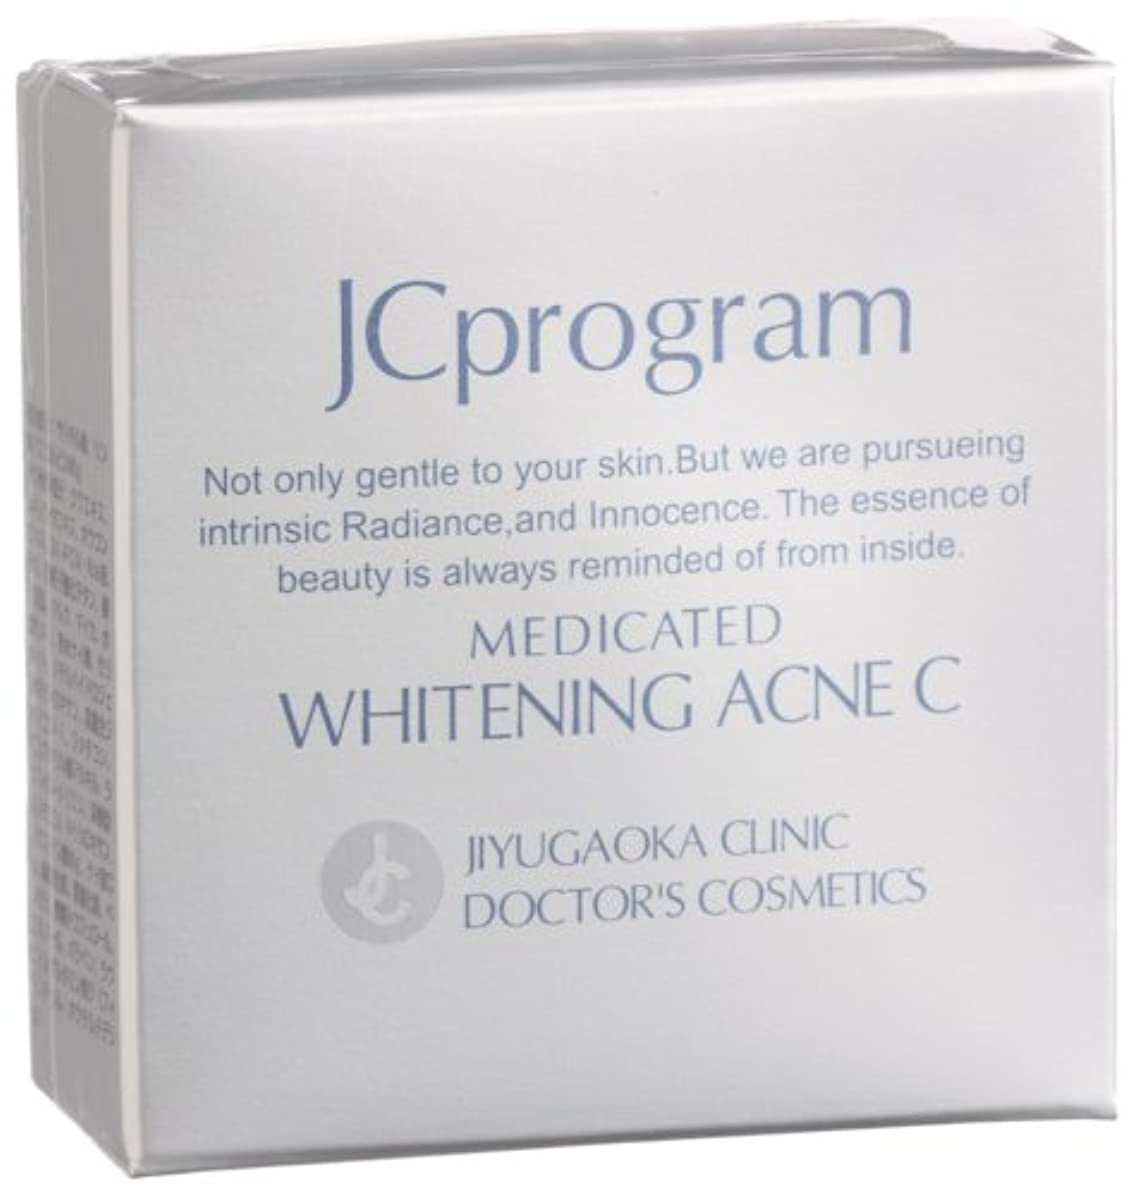 分数スナッチトムオードリースJCprogram  薬用ホワイトニングアクネC